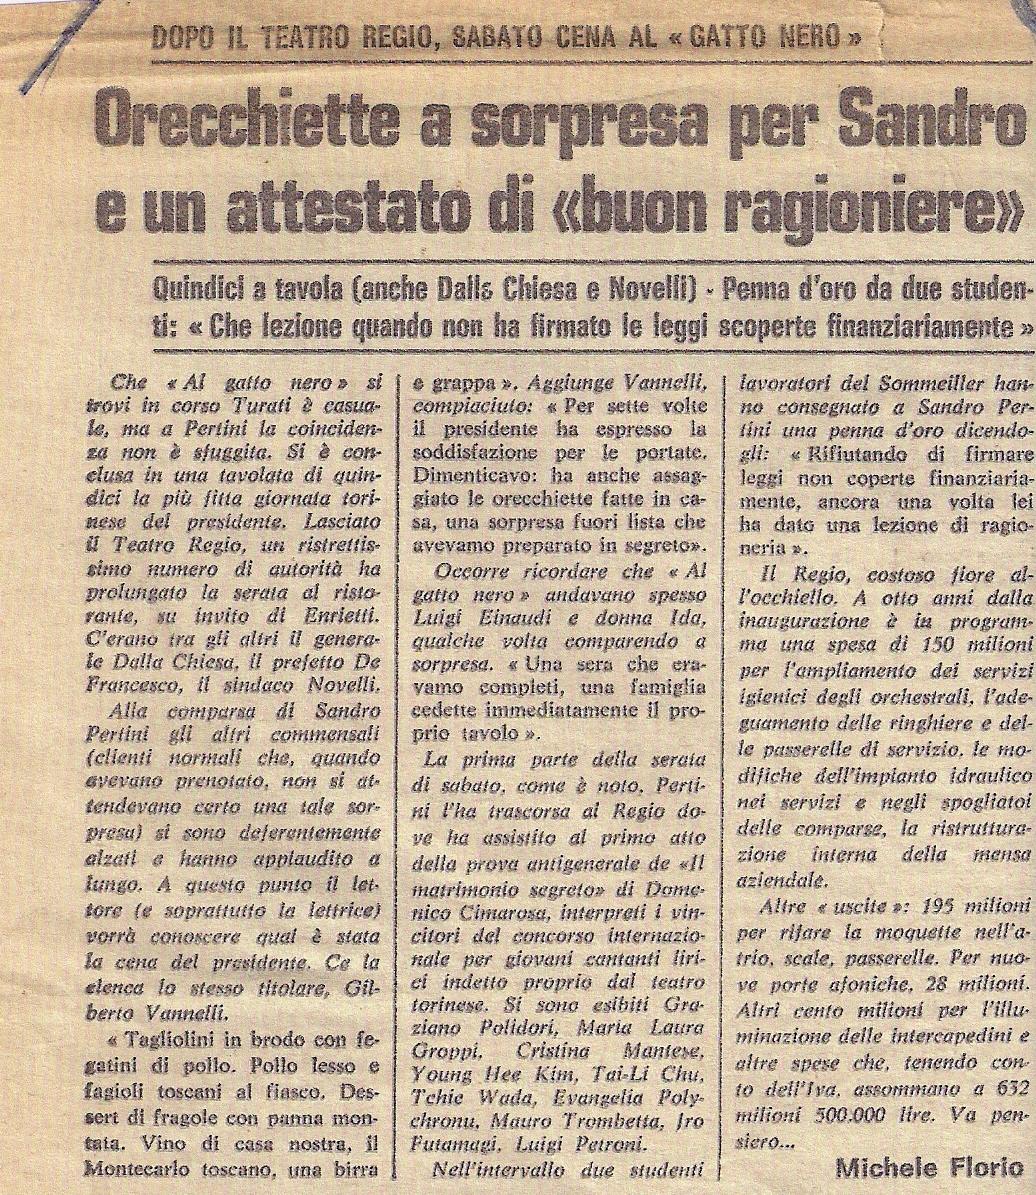 Sandro Pertini Al Gatto Nero - 14 03 1981